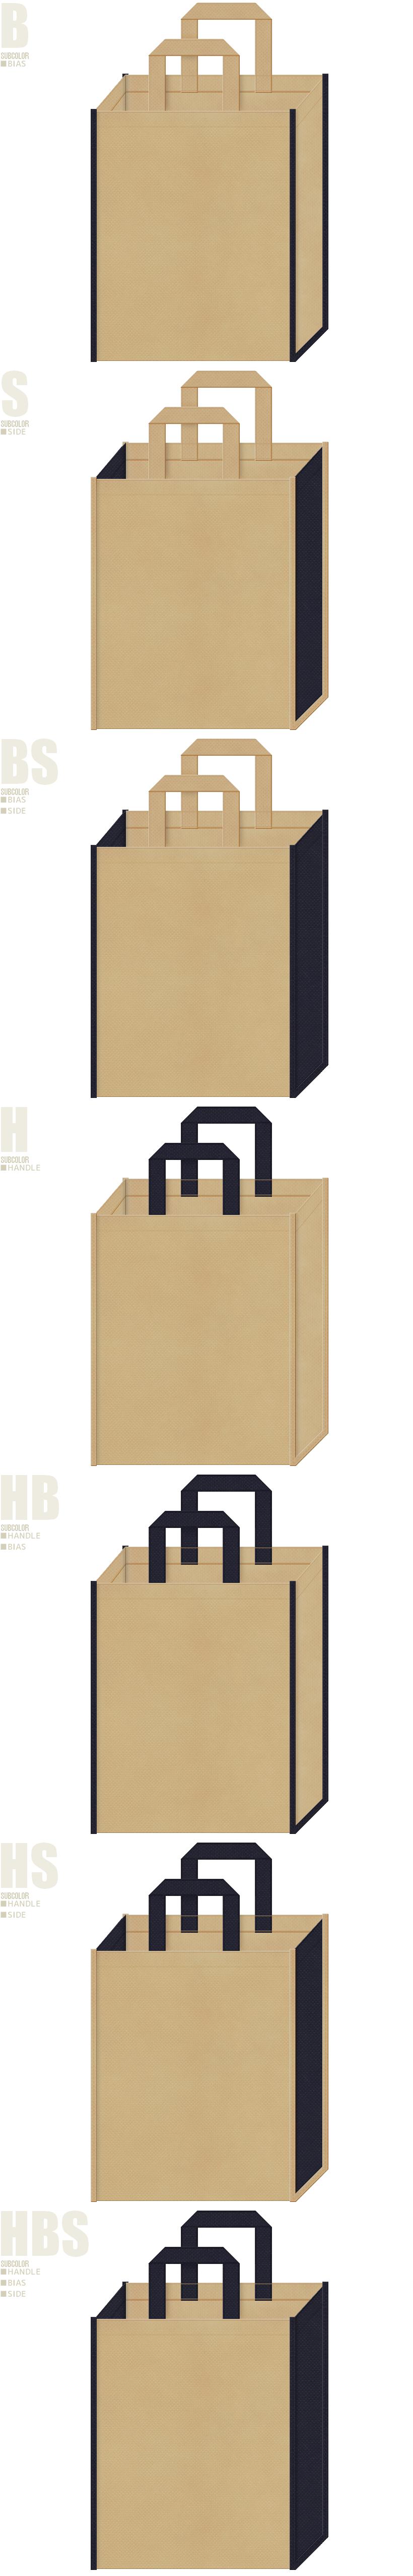 学校・オープンキャンパス・学習塾・レッスンバッグ・インディゴデニム・ジーパン・カジュアルファッションのショッピングバッグにお奨めの不織布バッグデザイン:カーキ色と濃紺色の配色7パターン。